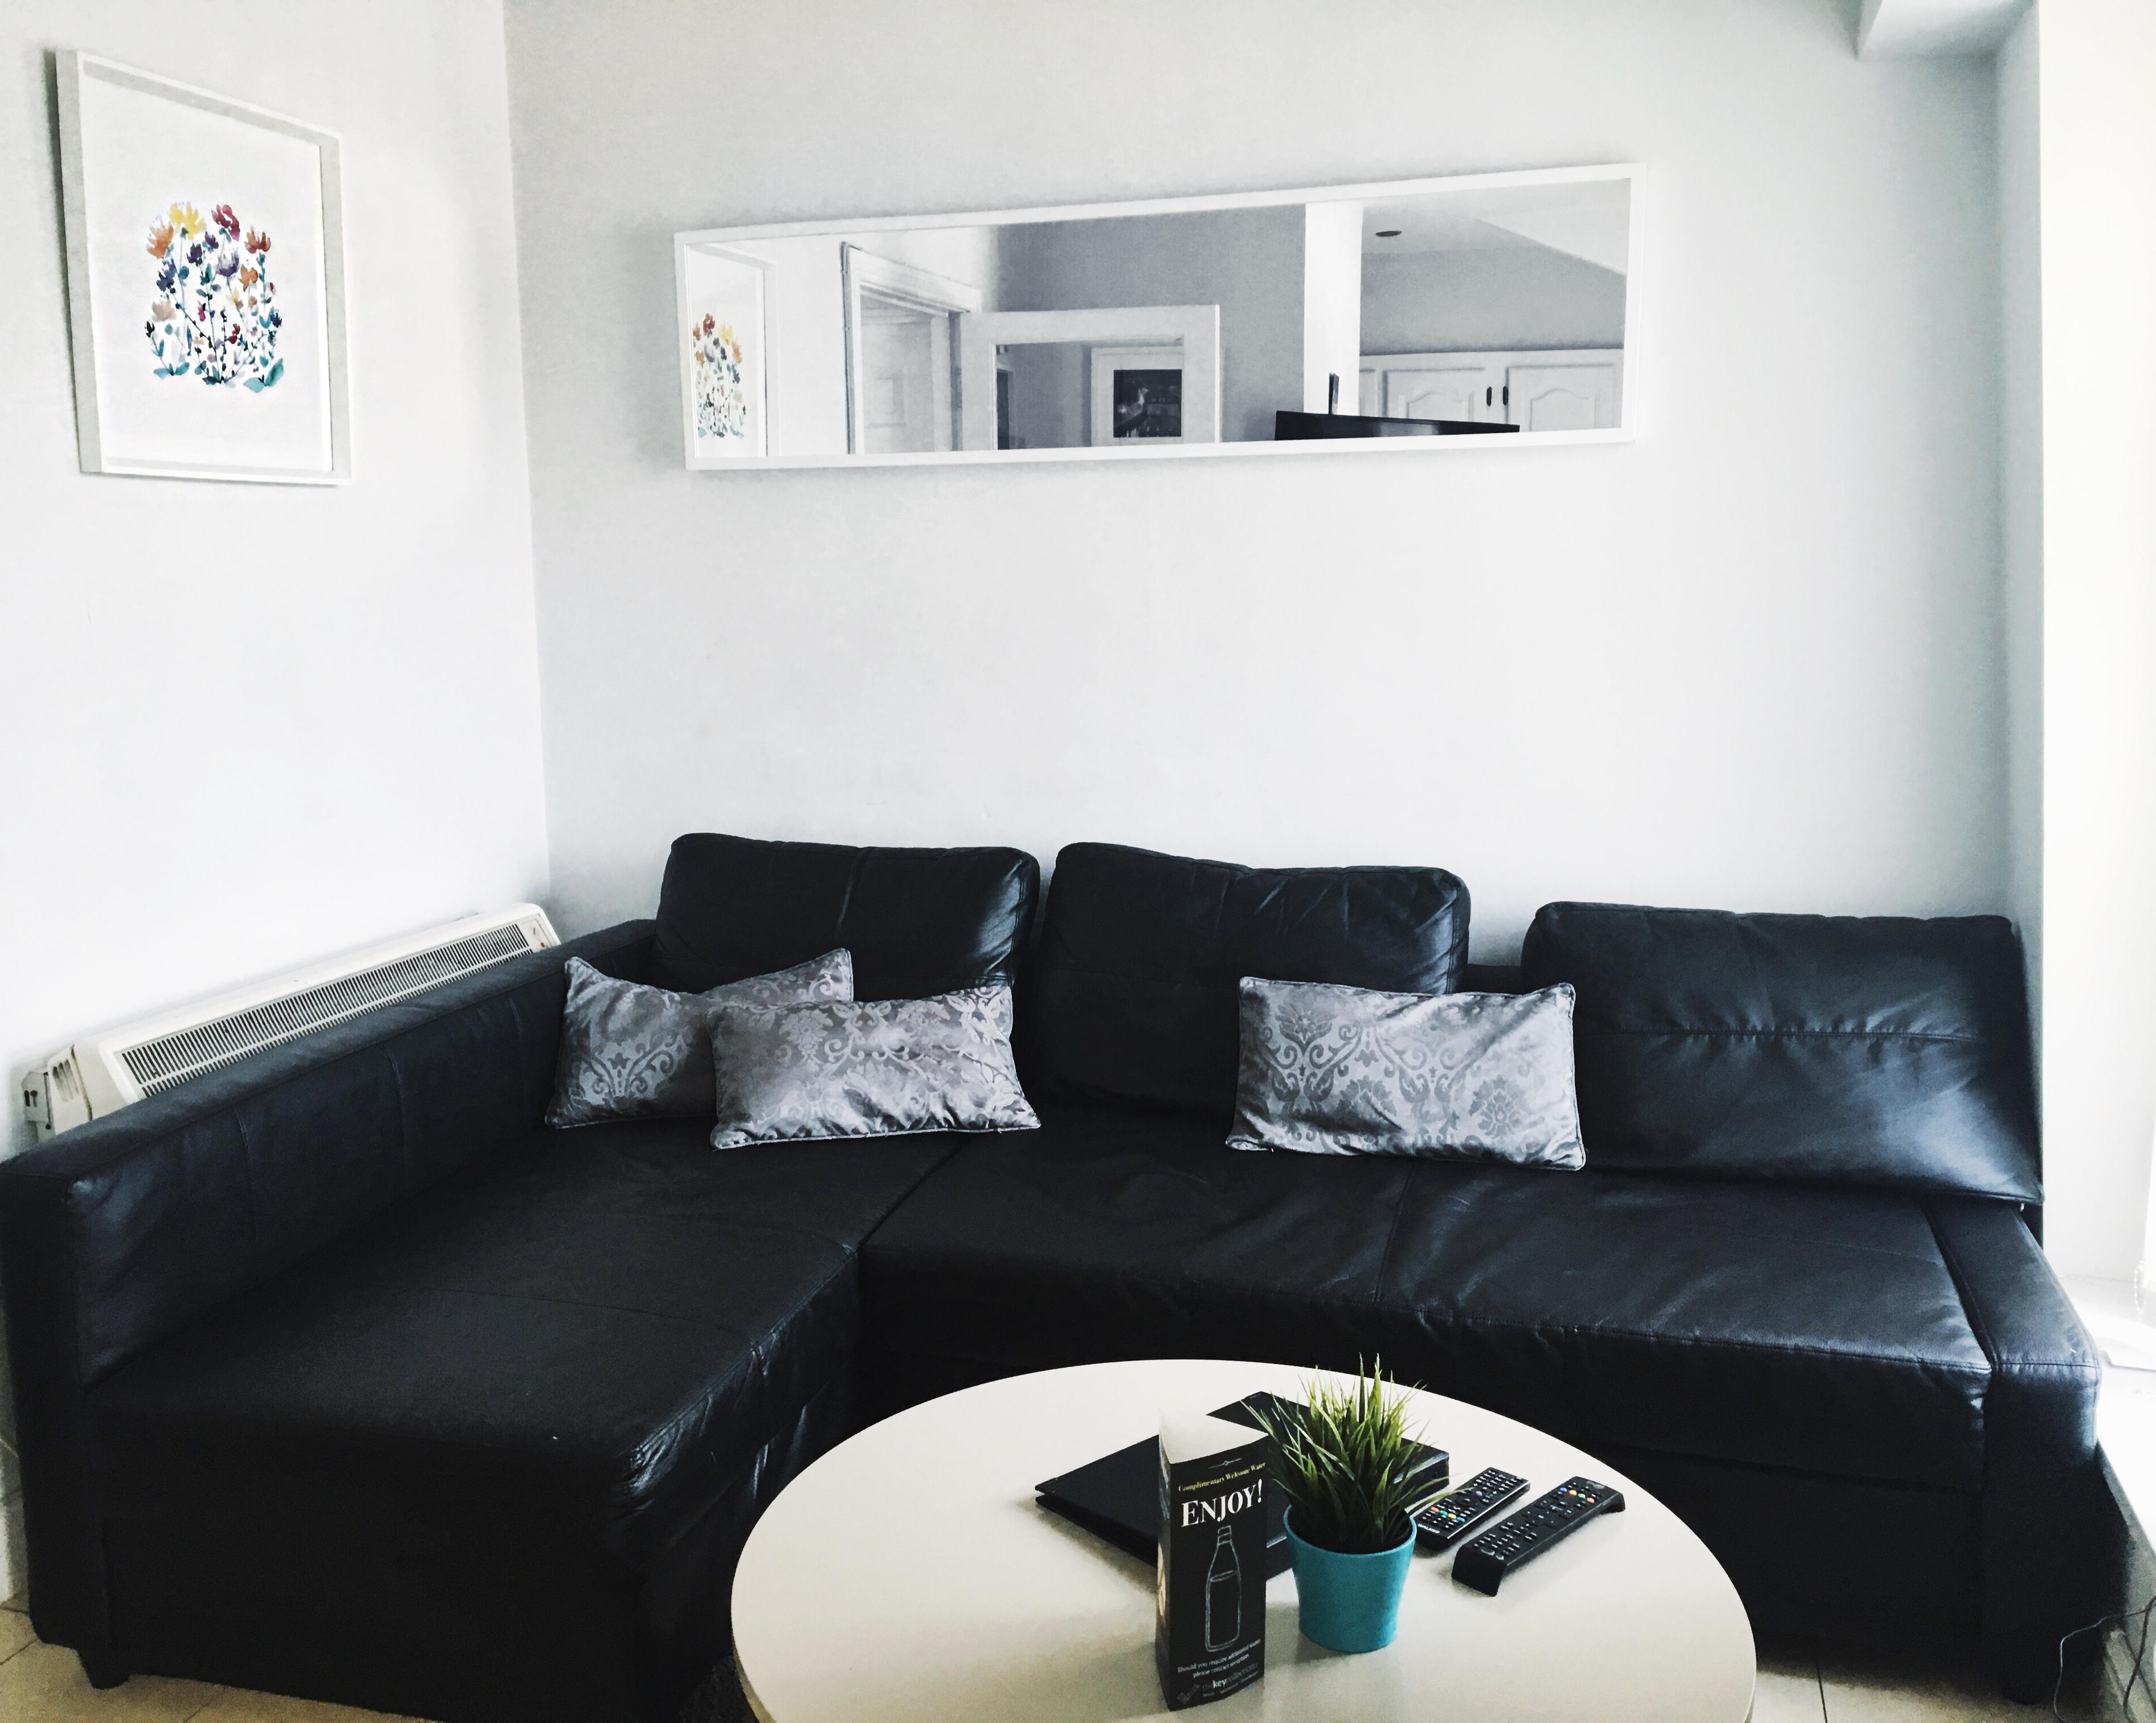 Wohnung Sofa Ferienwohnung Dublin Irland Übernachten